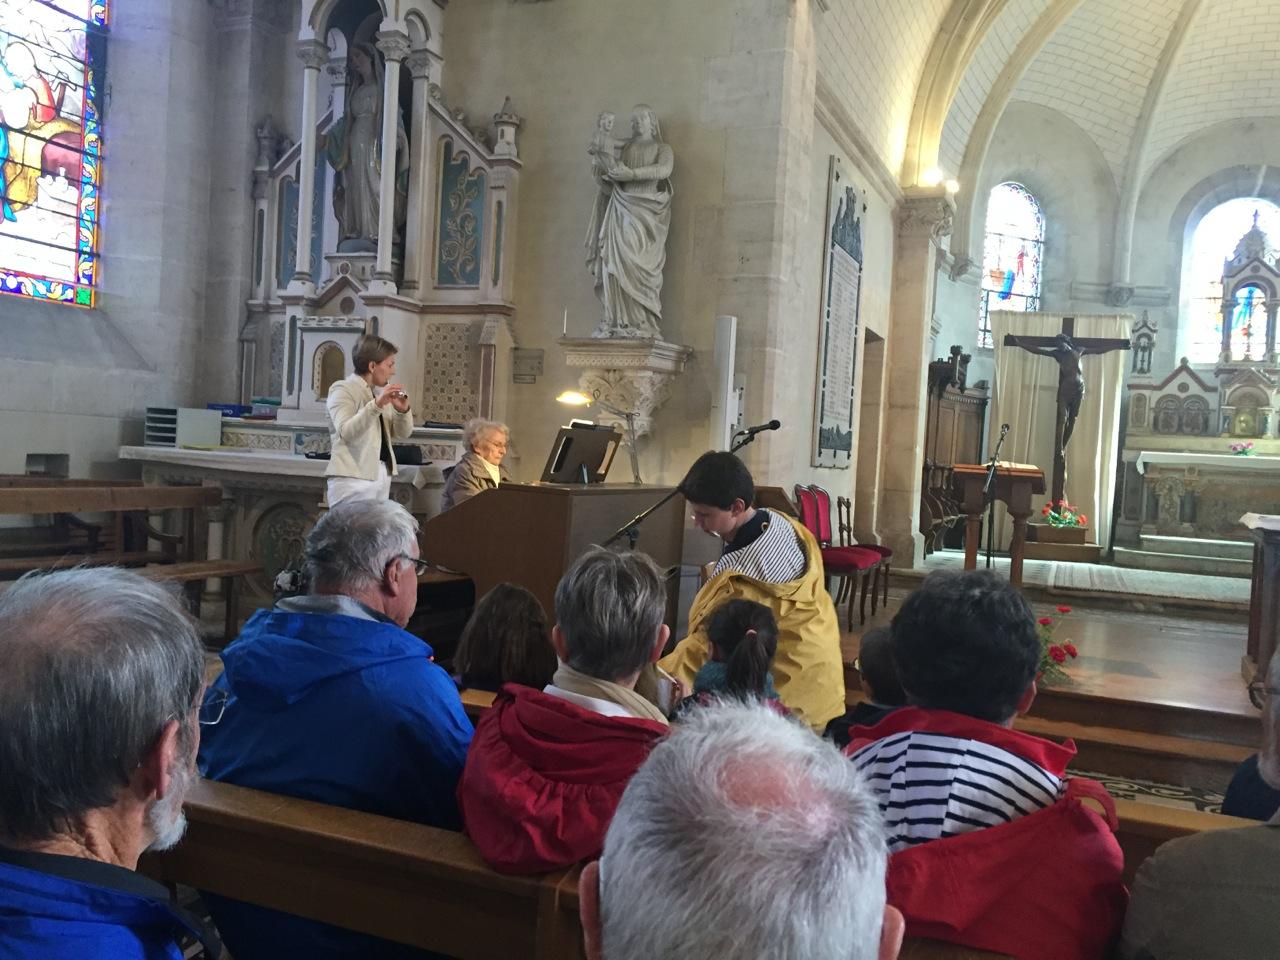 Accueil dans l'église de Damigny aux sons de la flûte traversière d'Isabelle et de l'harmonium d'Anne-Marie